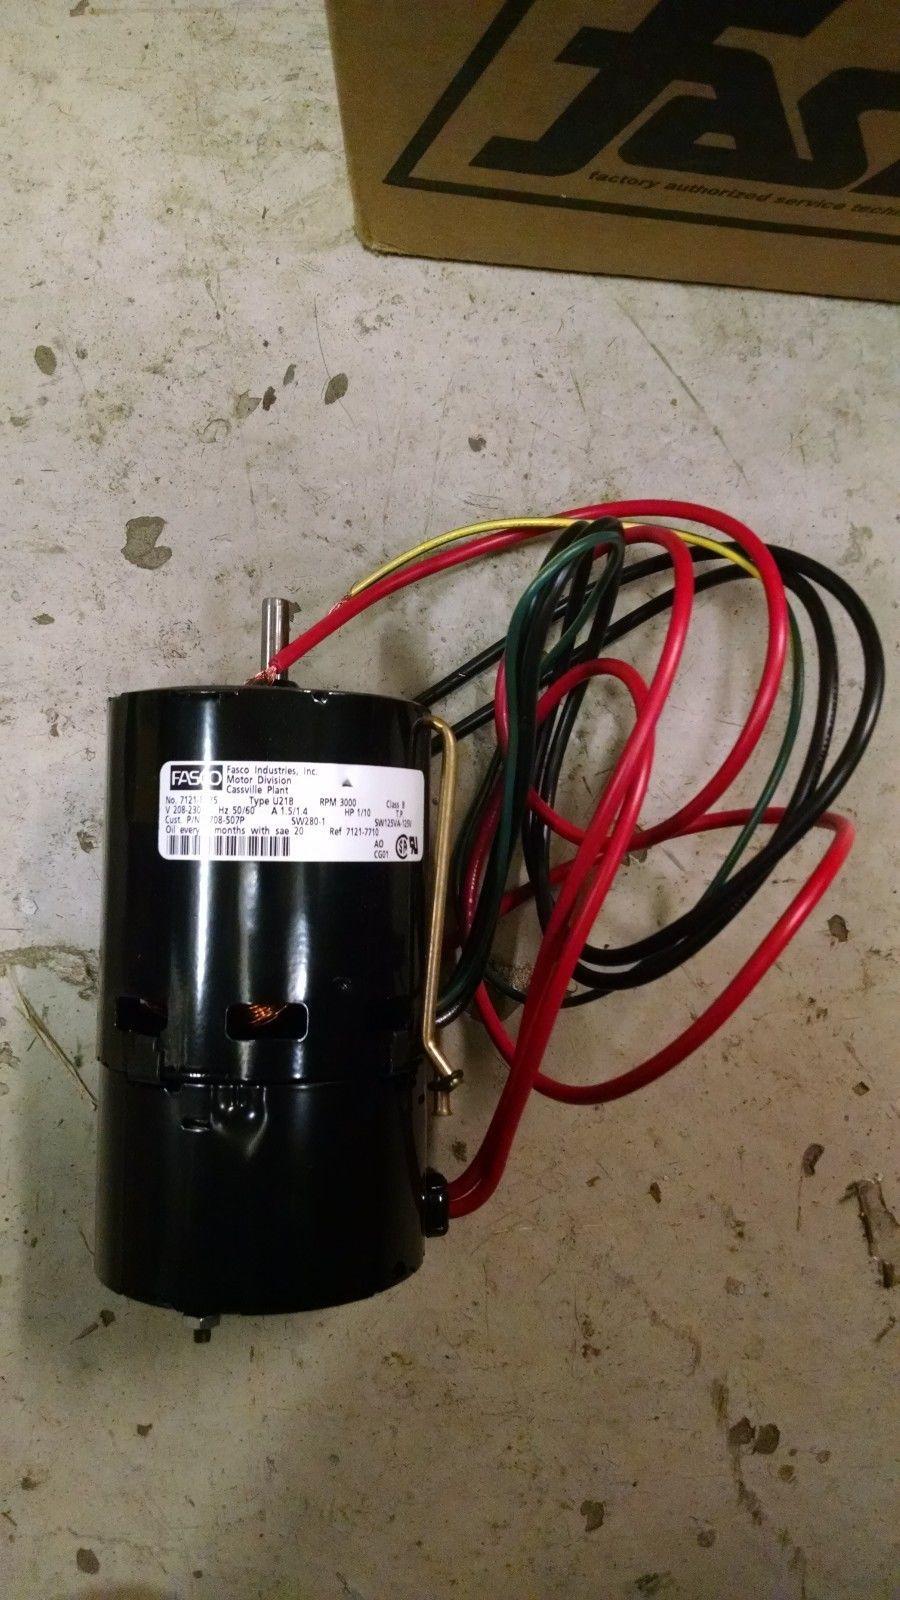 Fasco fan motor 7121 8375 sw280 1 1 10 hp type u21b 3000 for Fasco evaporator fan motor